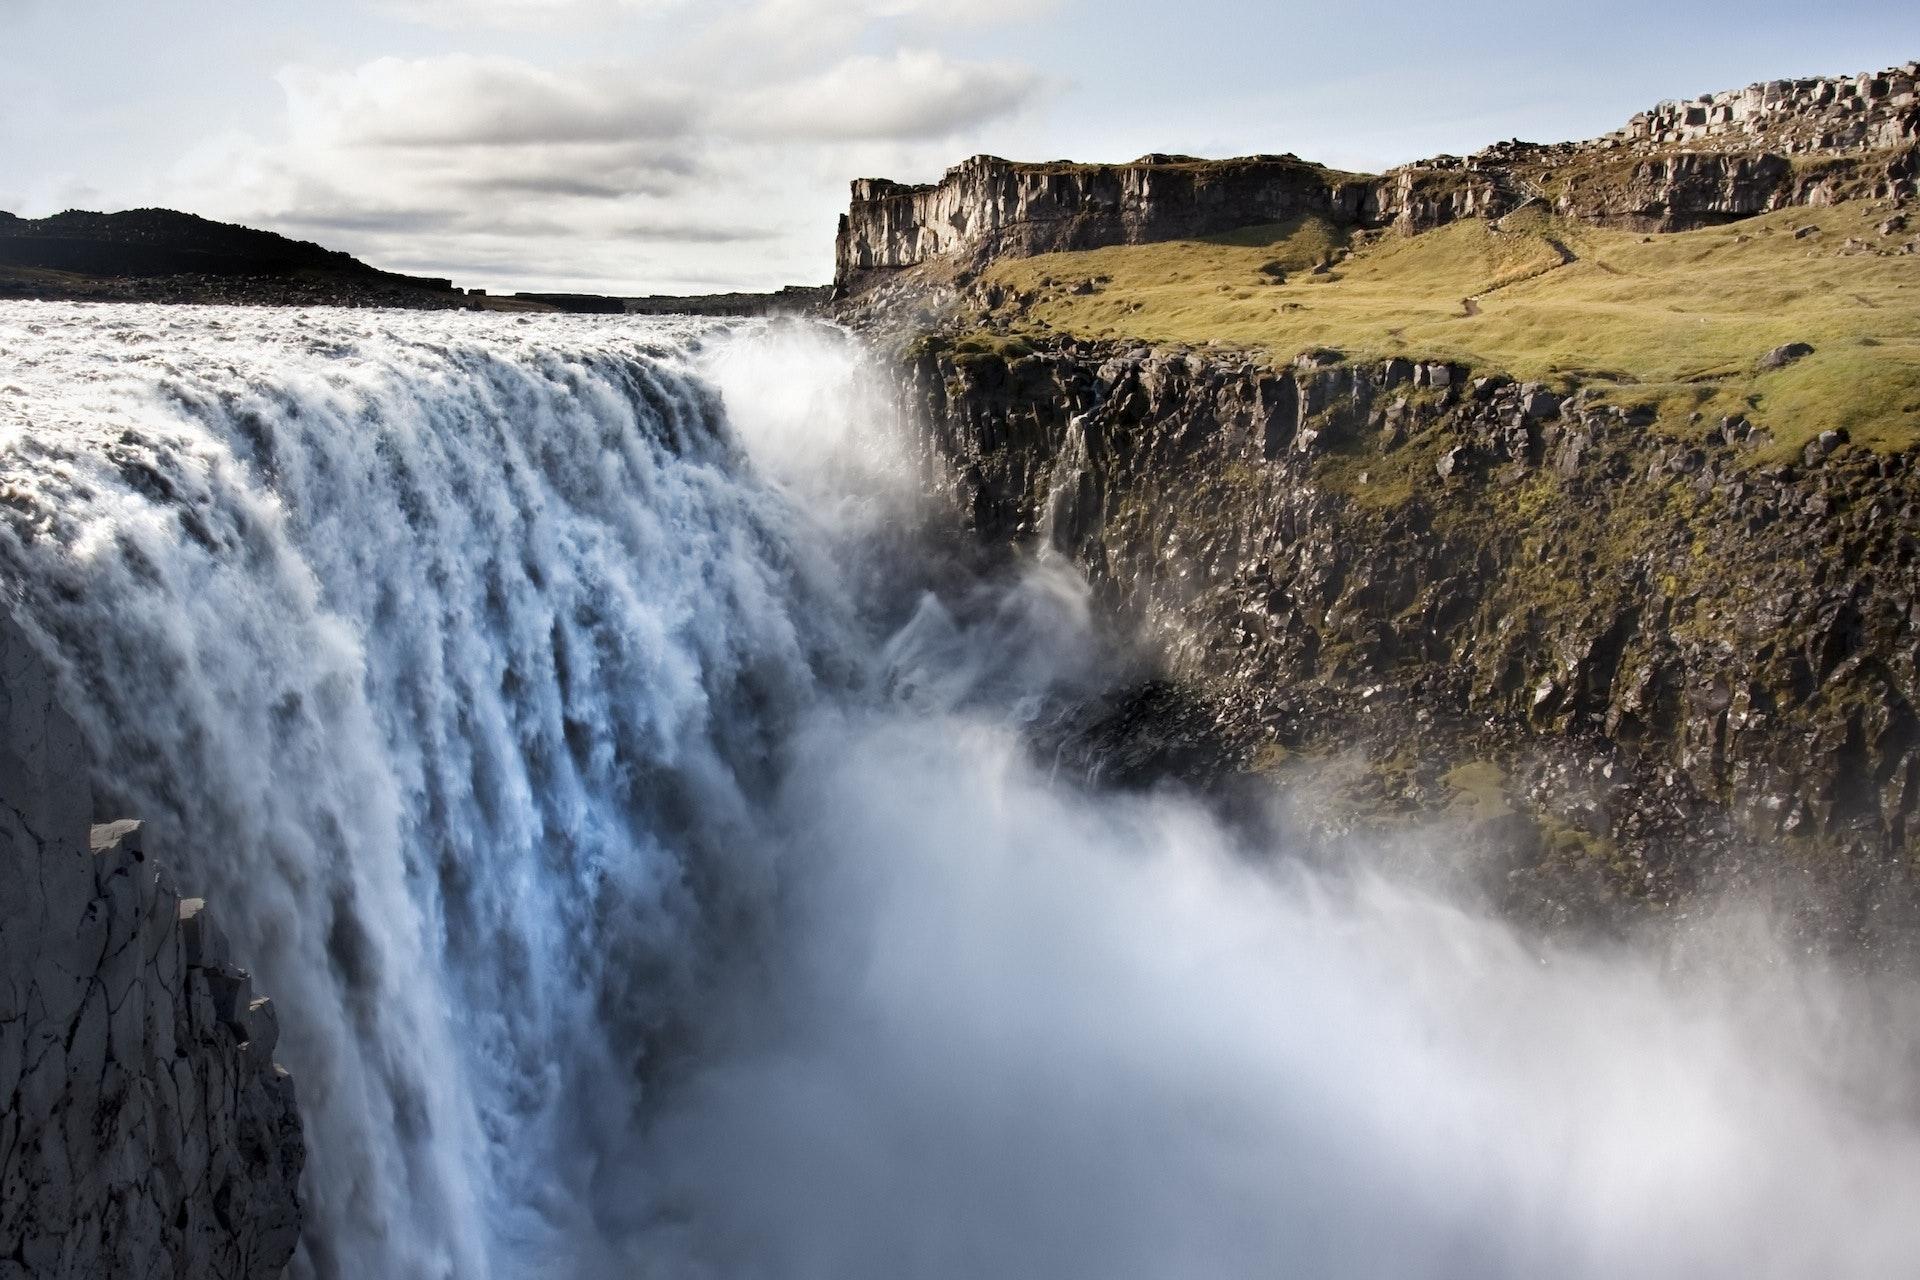 冰岛的黛提瀑布(Dettifoss)是欧洲水量最大的瀑布